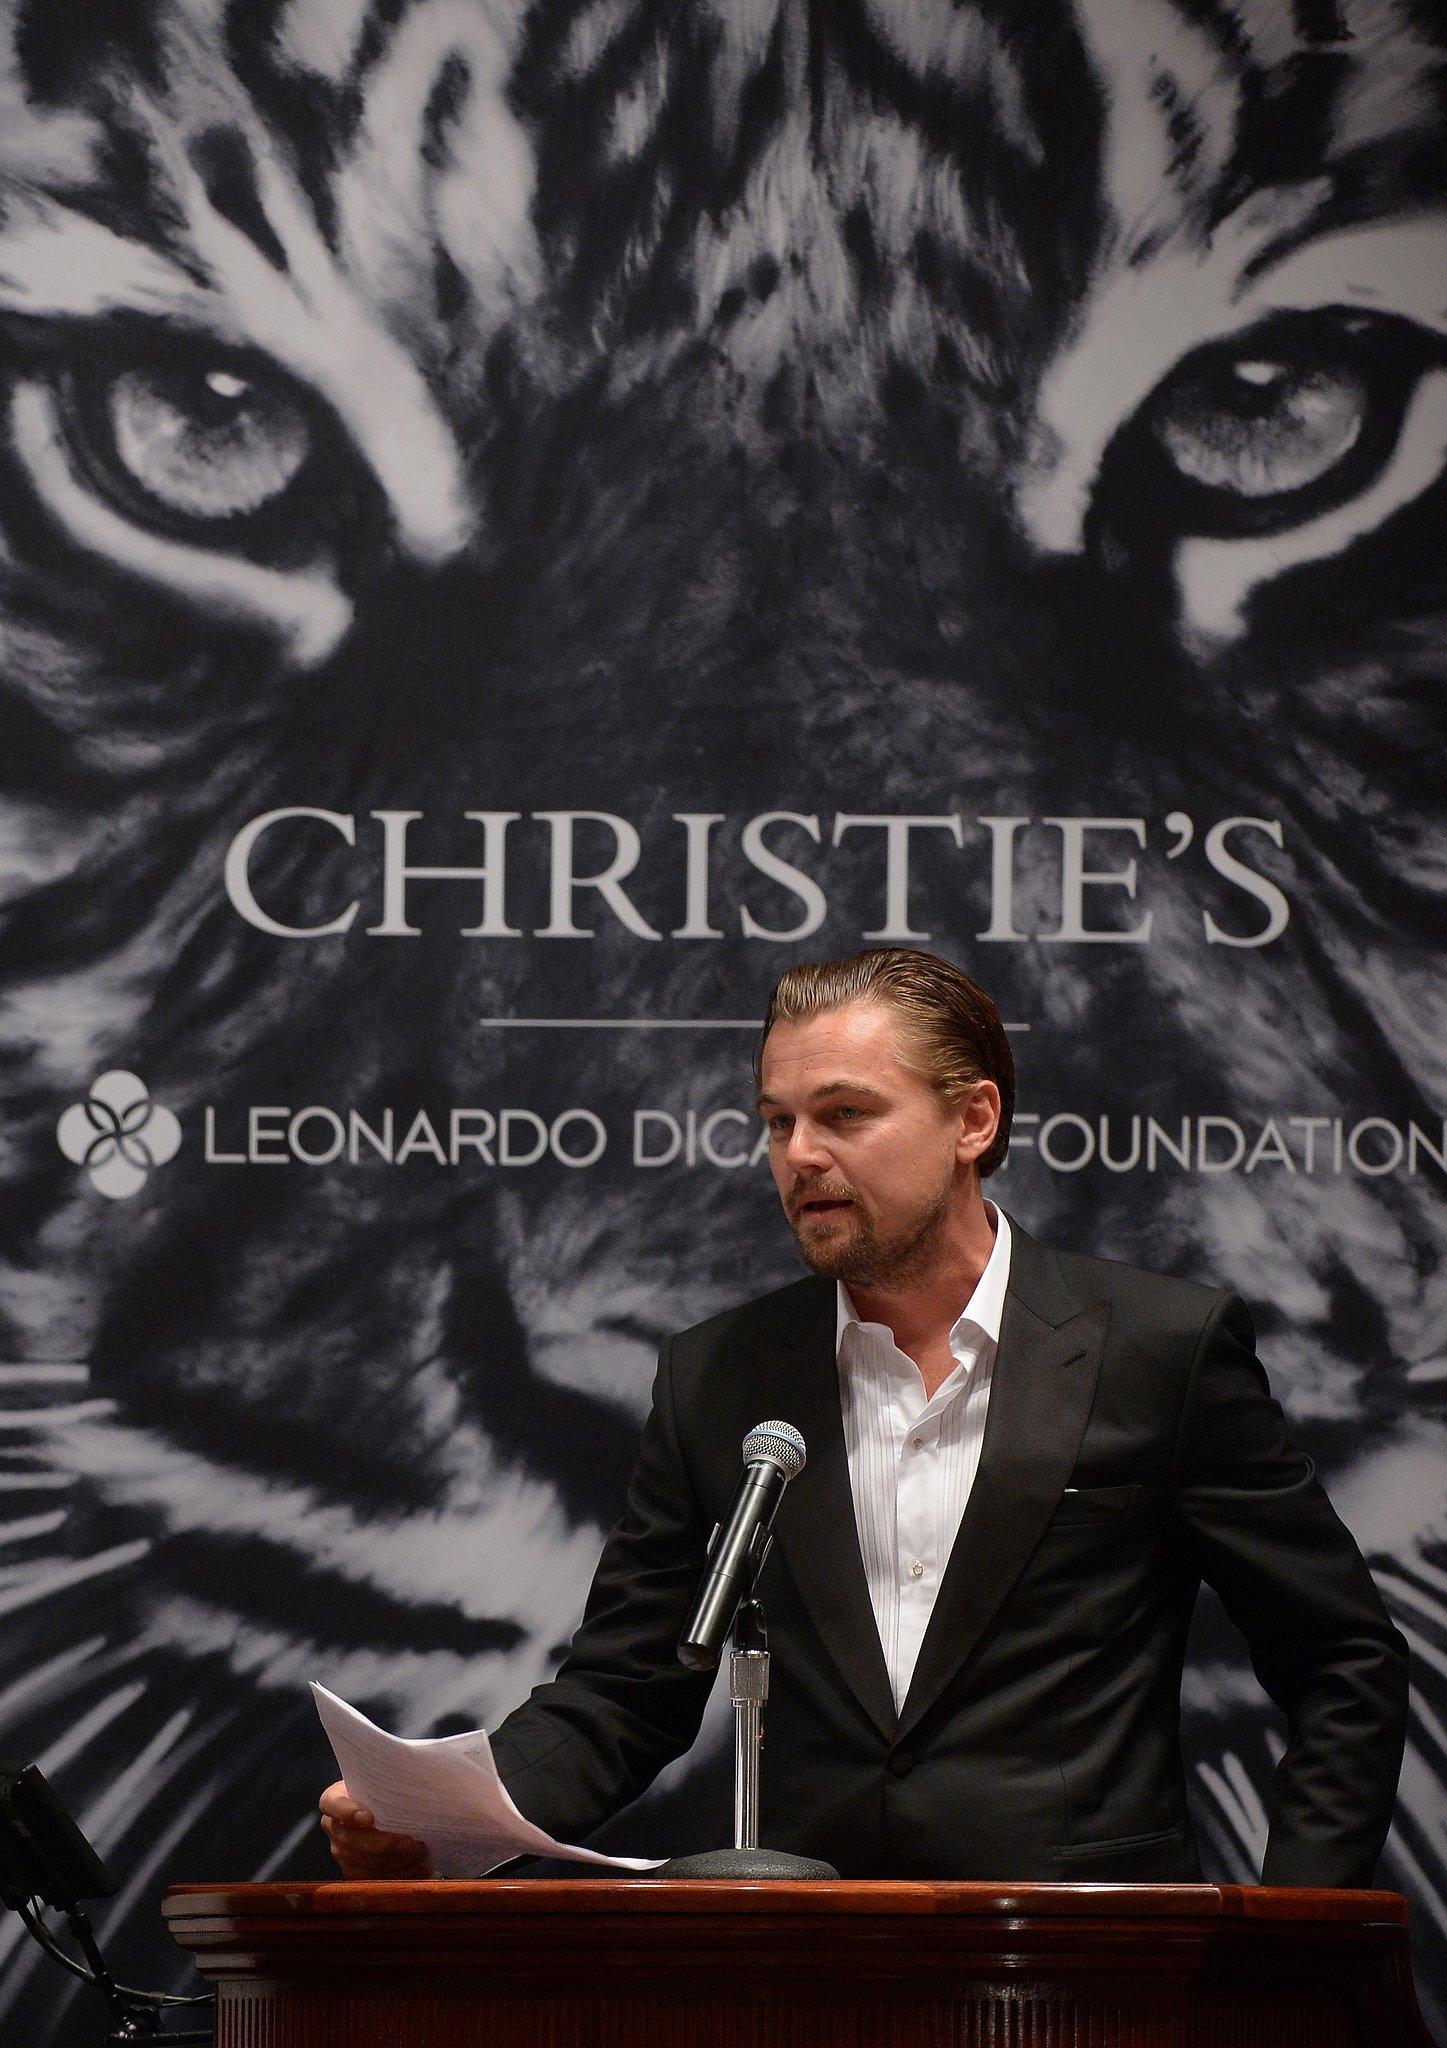 Leonardo-DiCaprio-cohosted-art-auction-NYC-Christie.jpg